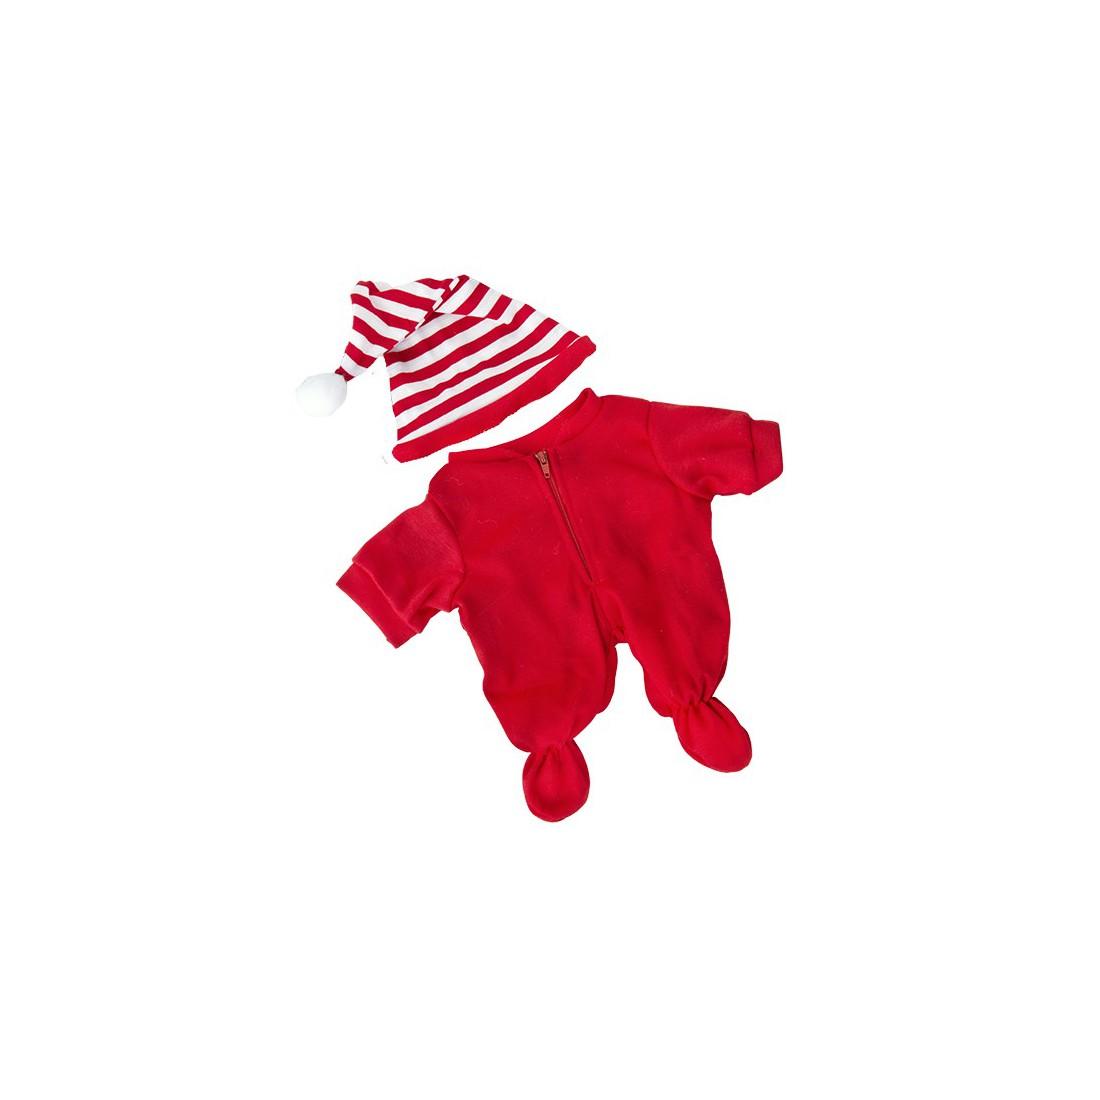 Pyjama rouge + bonnet, 40 cm  - la tenue idéale pour les peluches personnalisées ! ,  40 cm  - La tenue idé